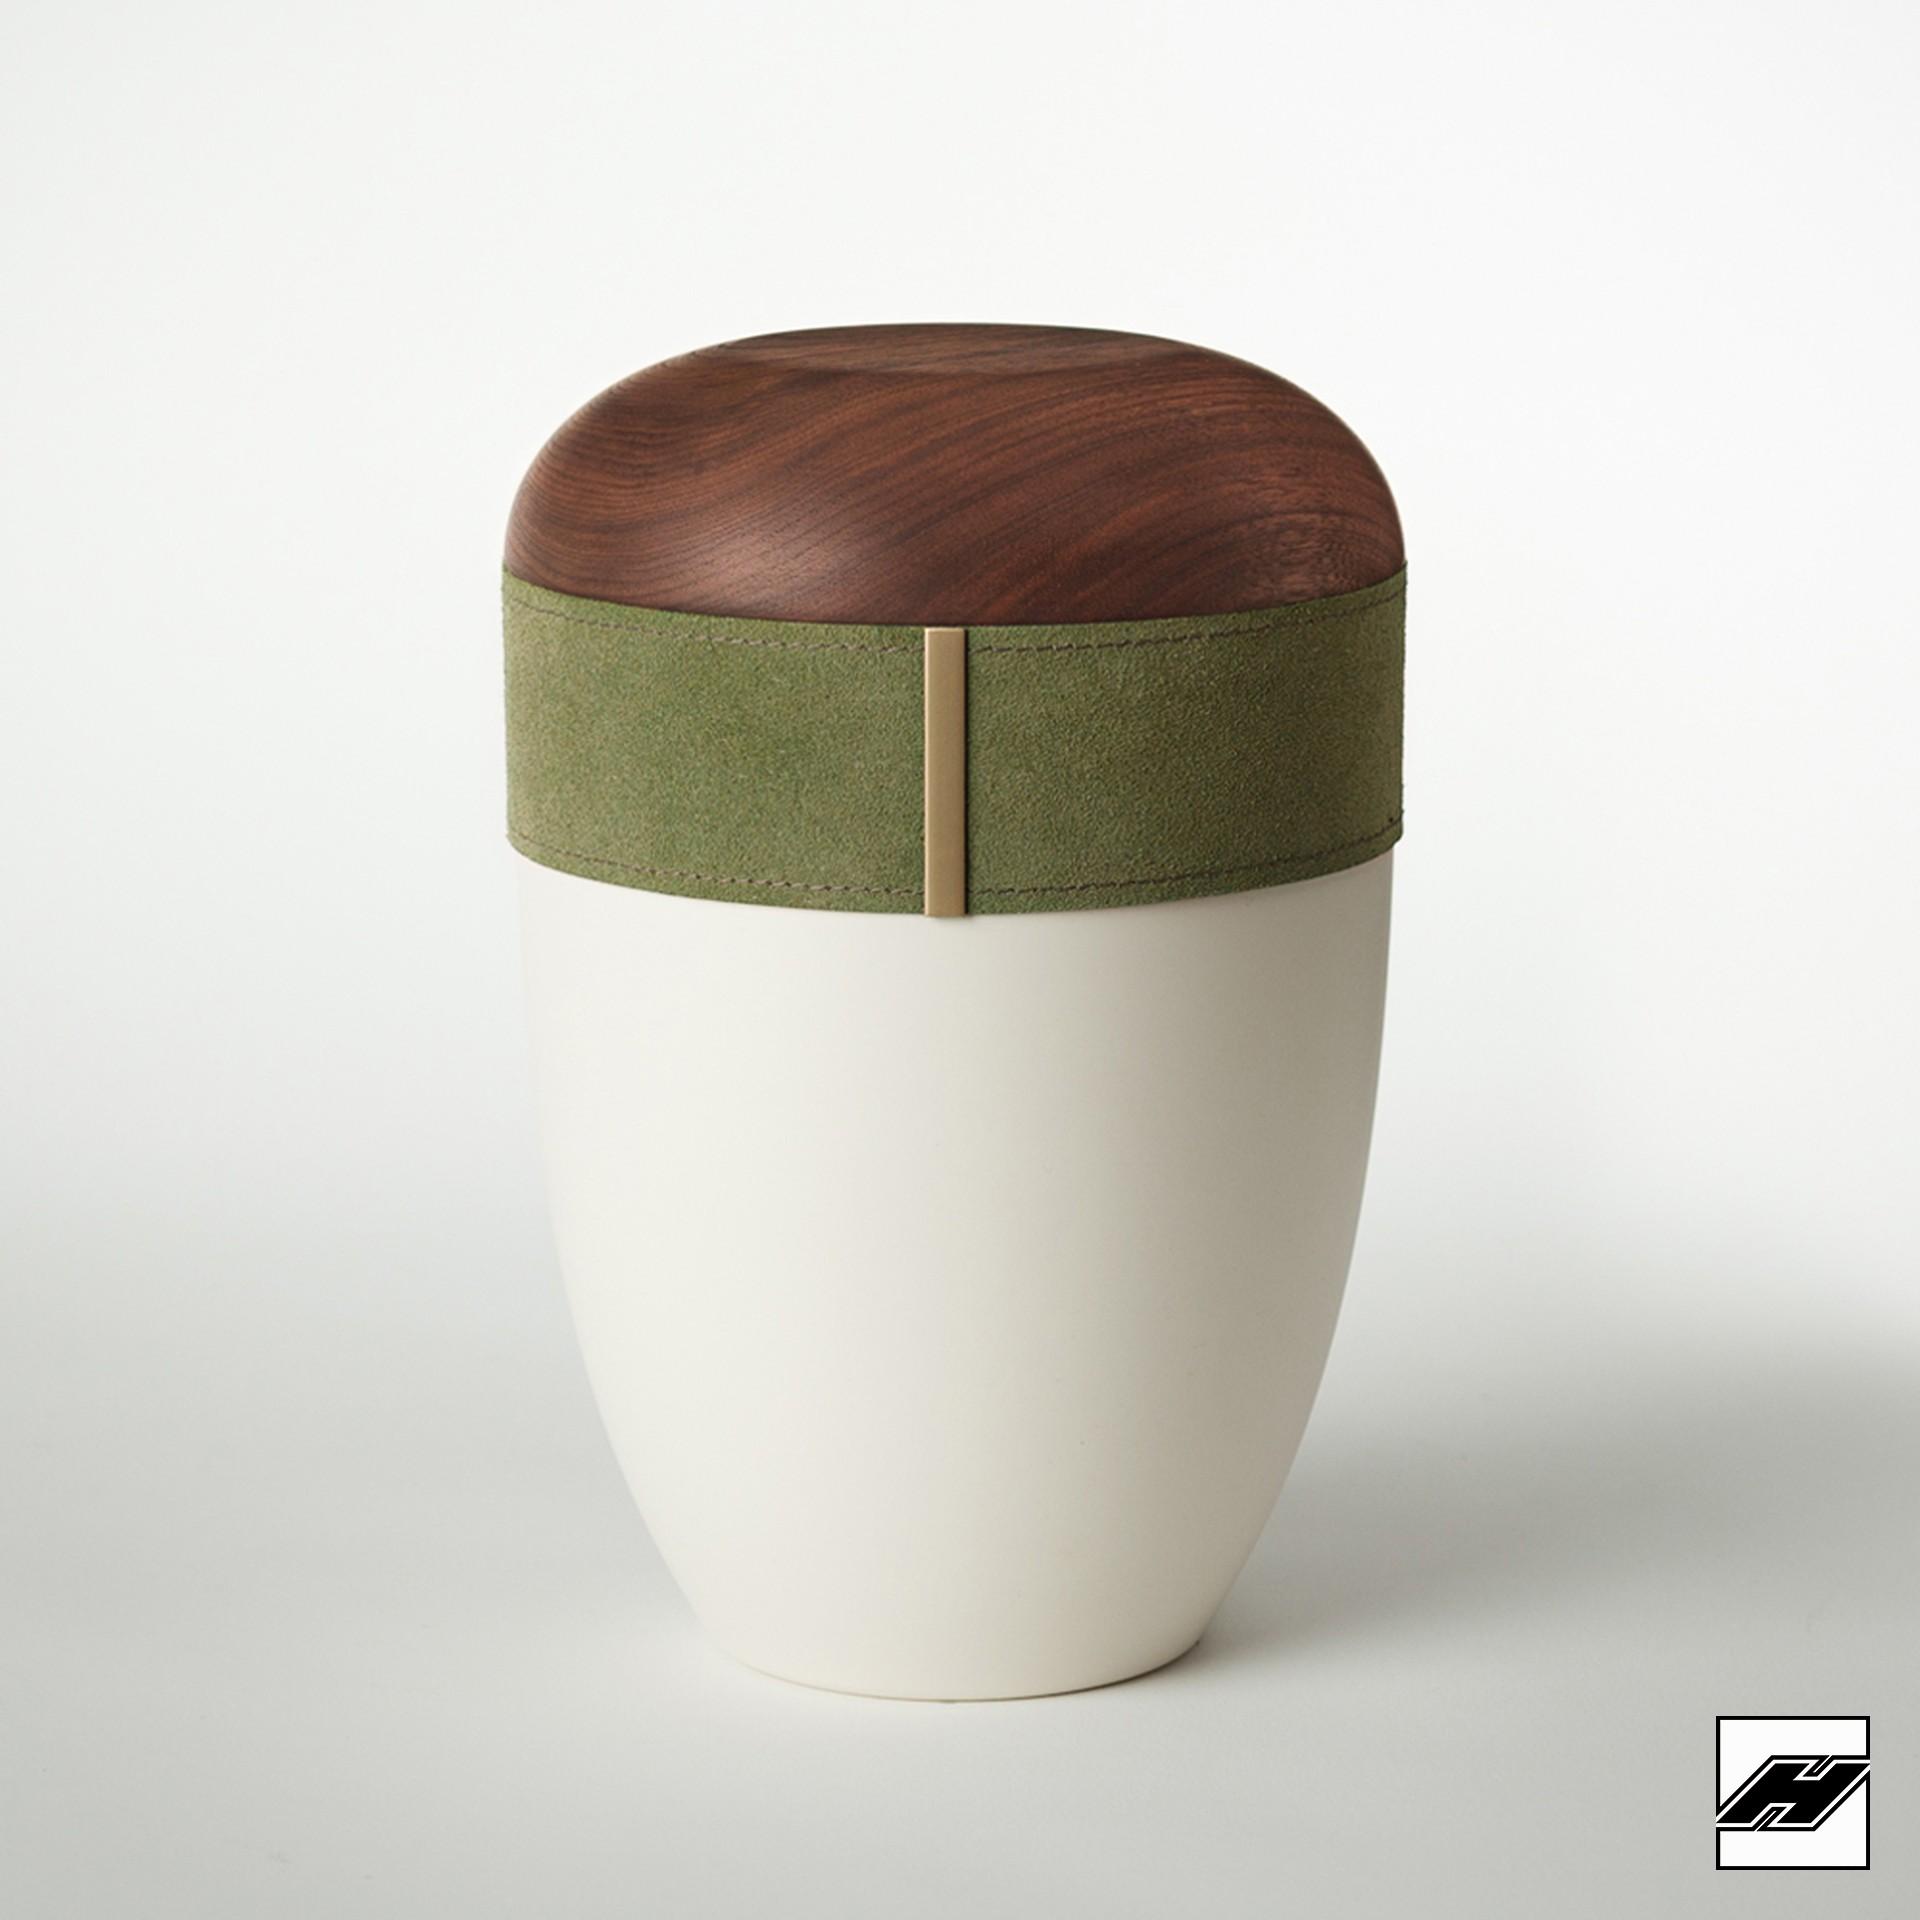 Urne Holz/Leder Smaragd cremeweiß, mit Wildleder